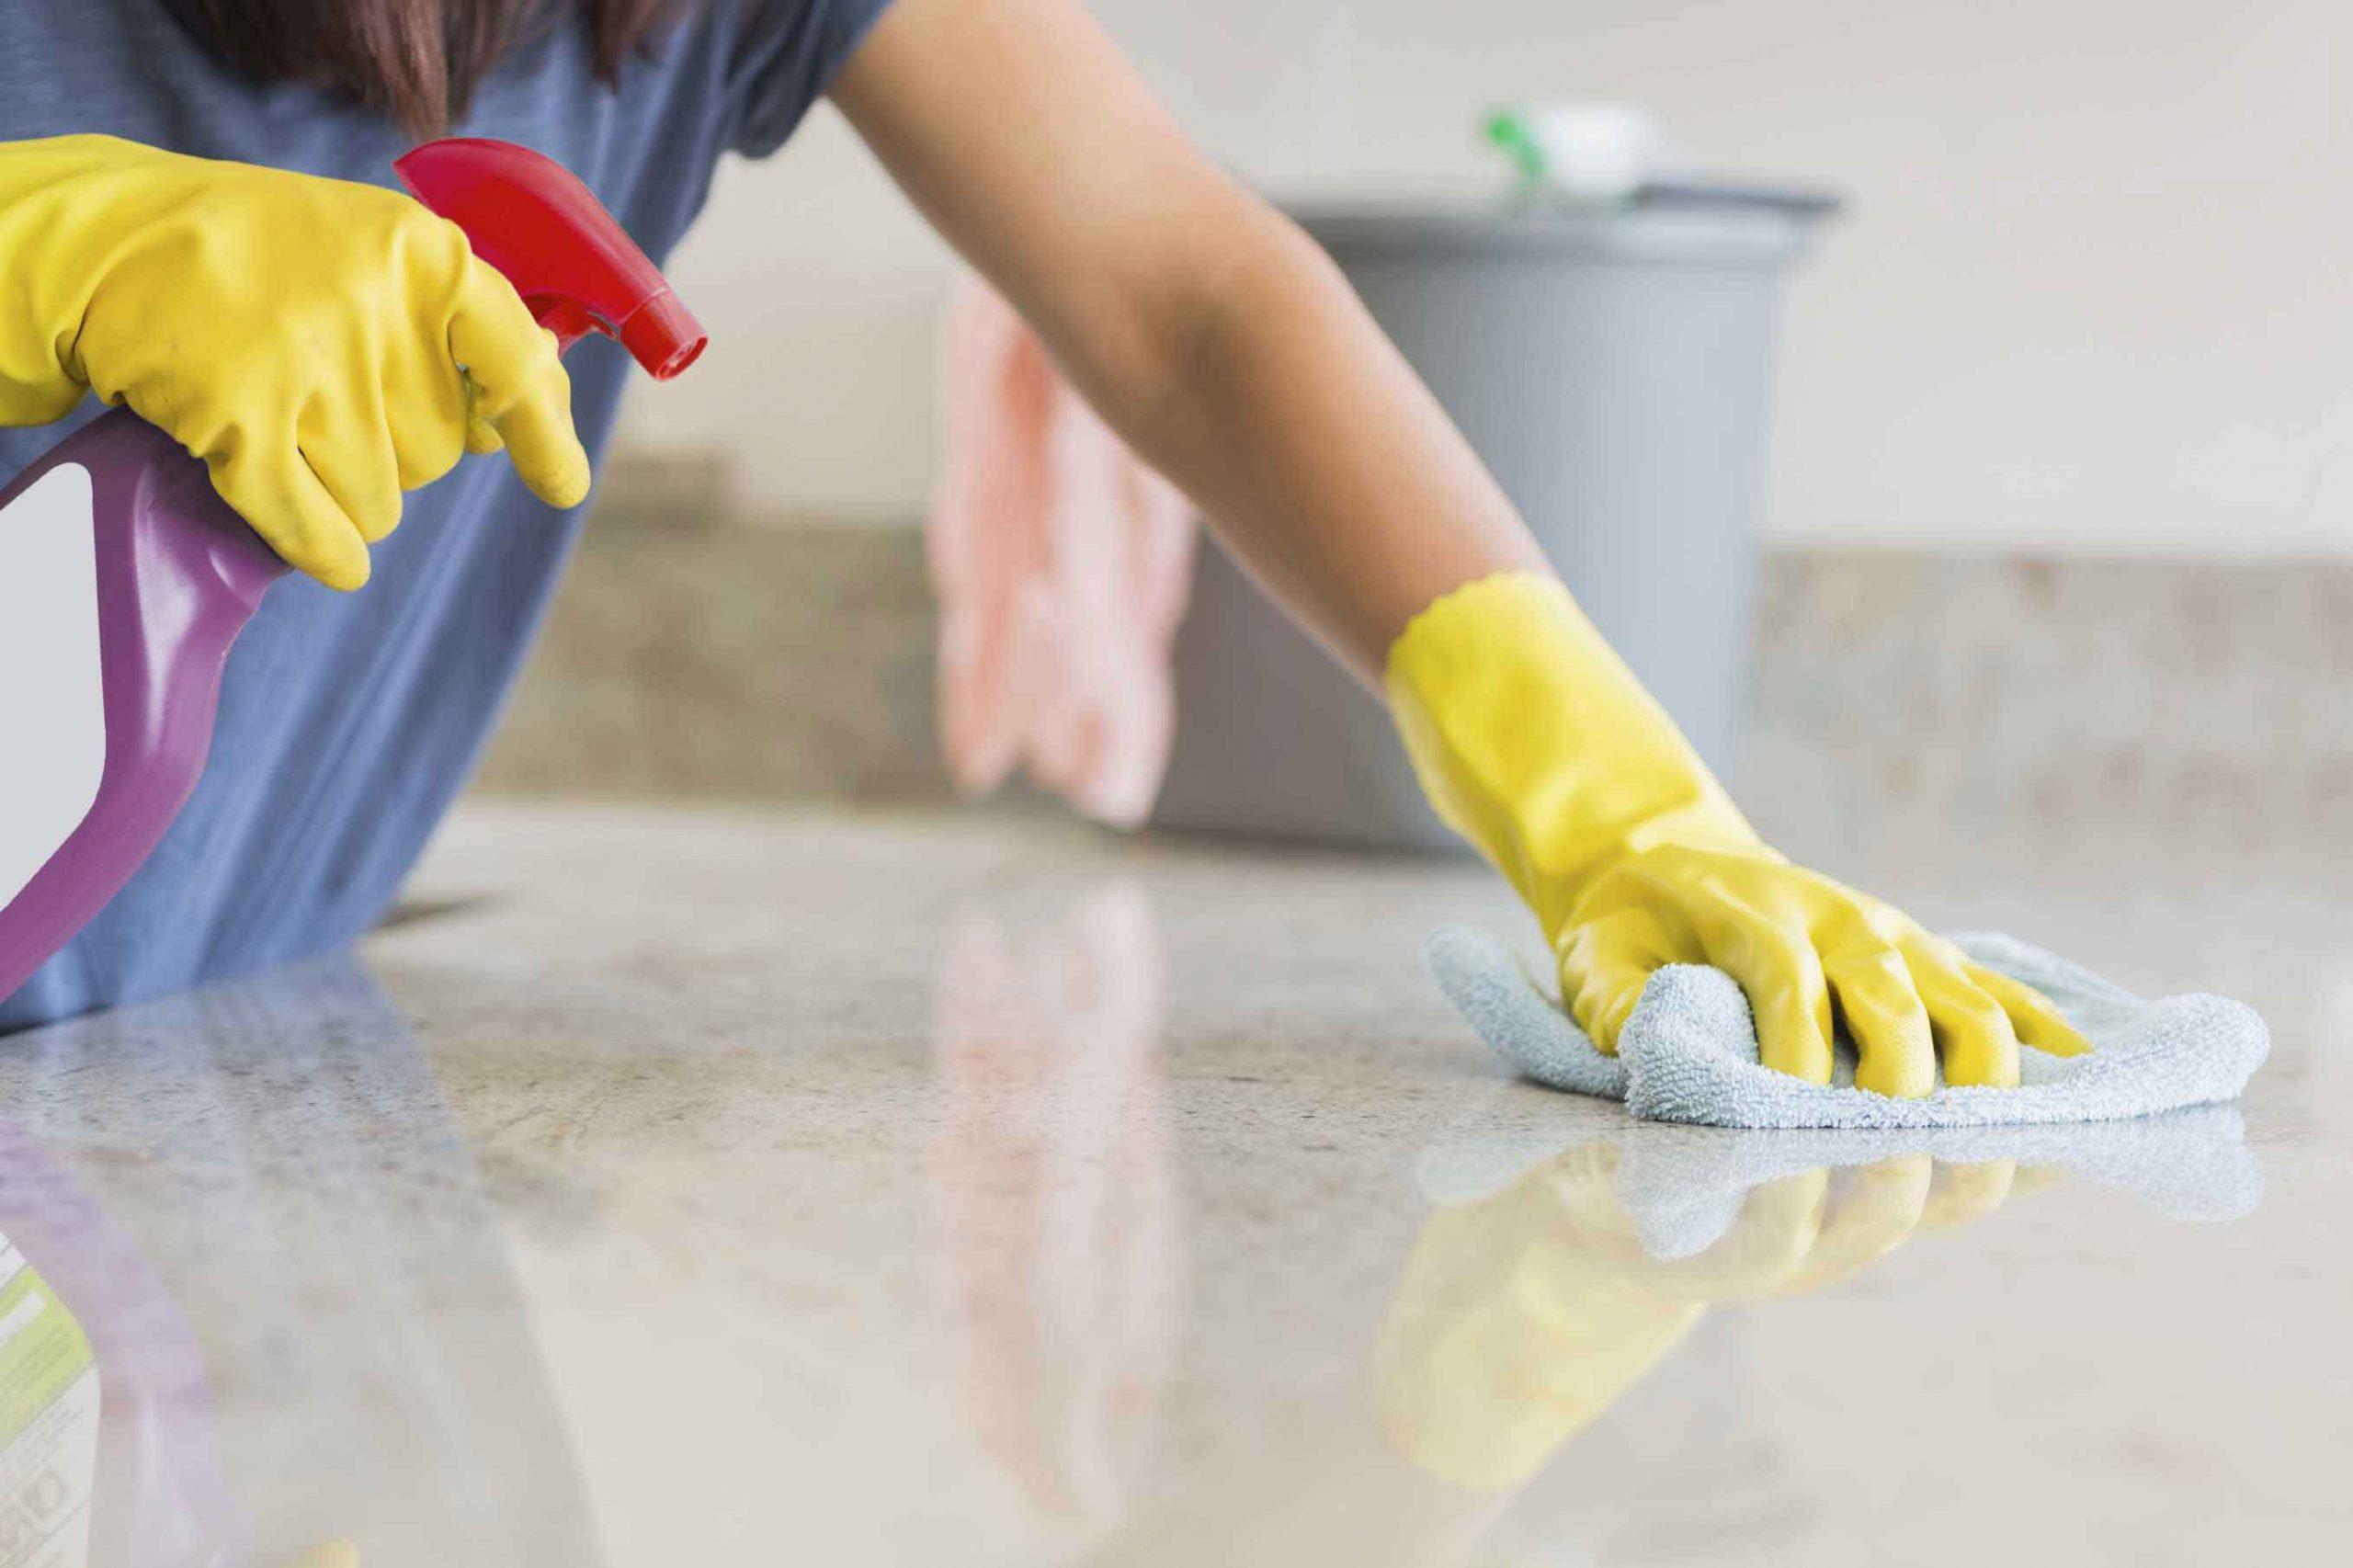 نکات مهم در مورد تمیز کردن سنگ مرمر